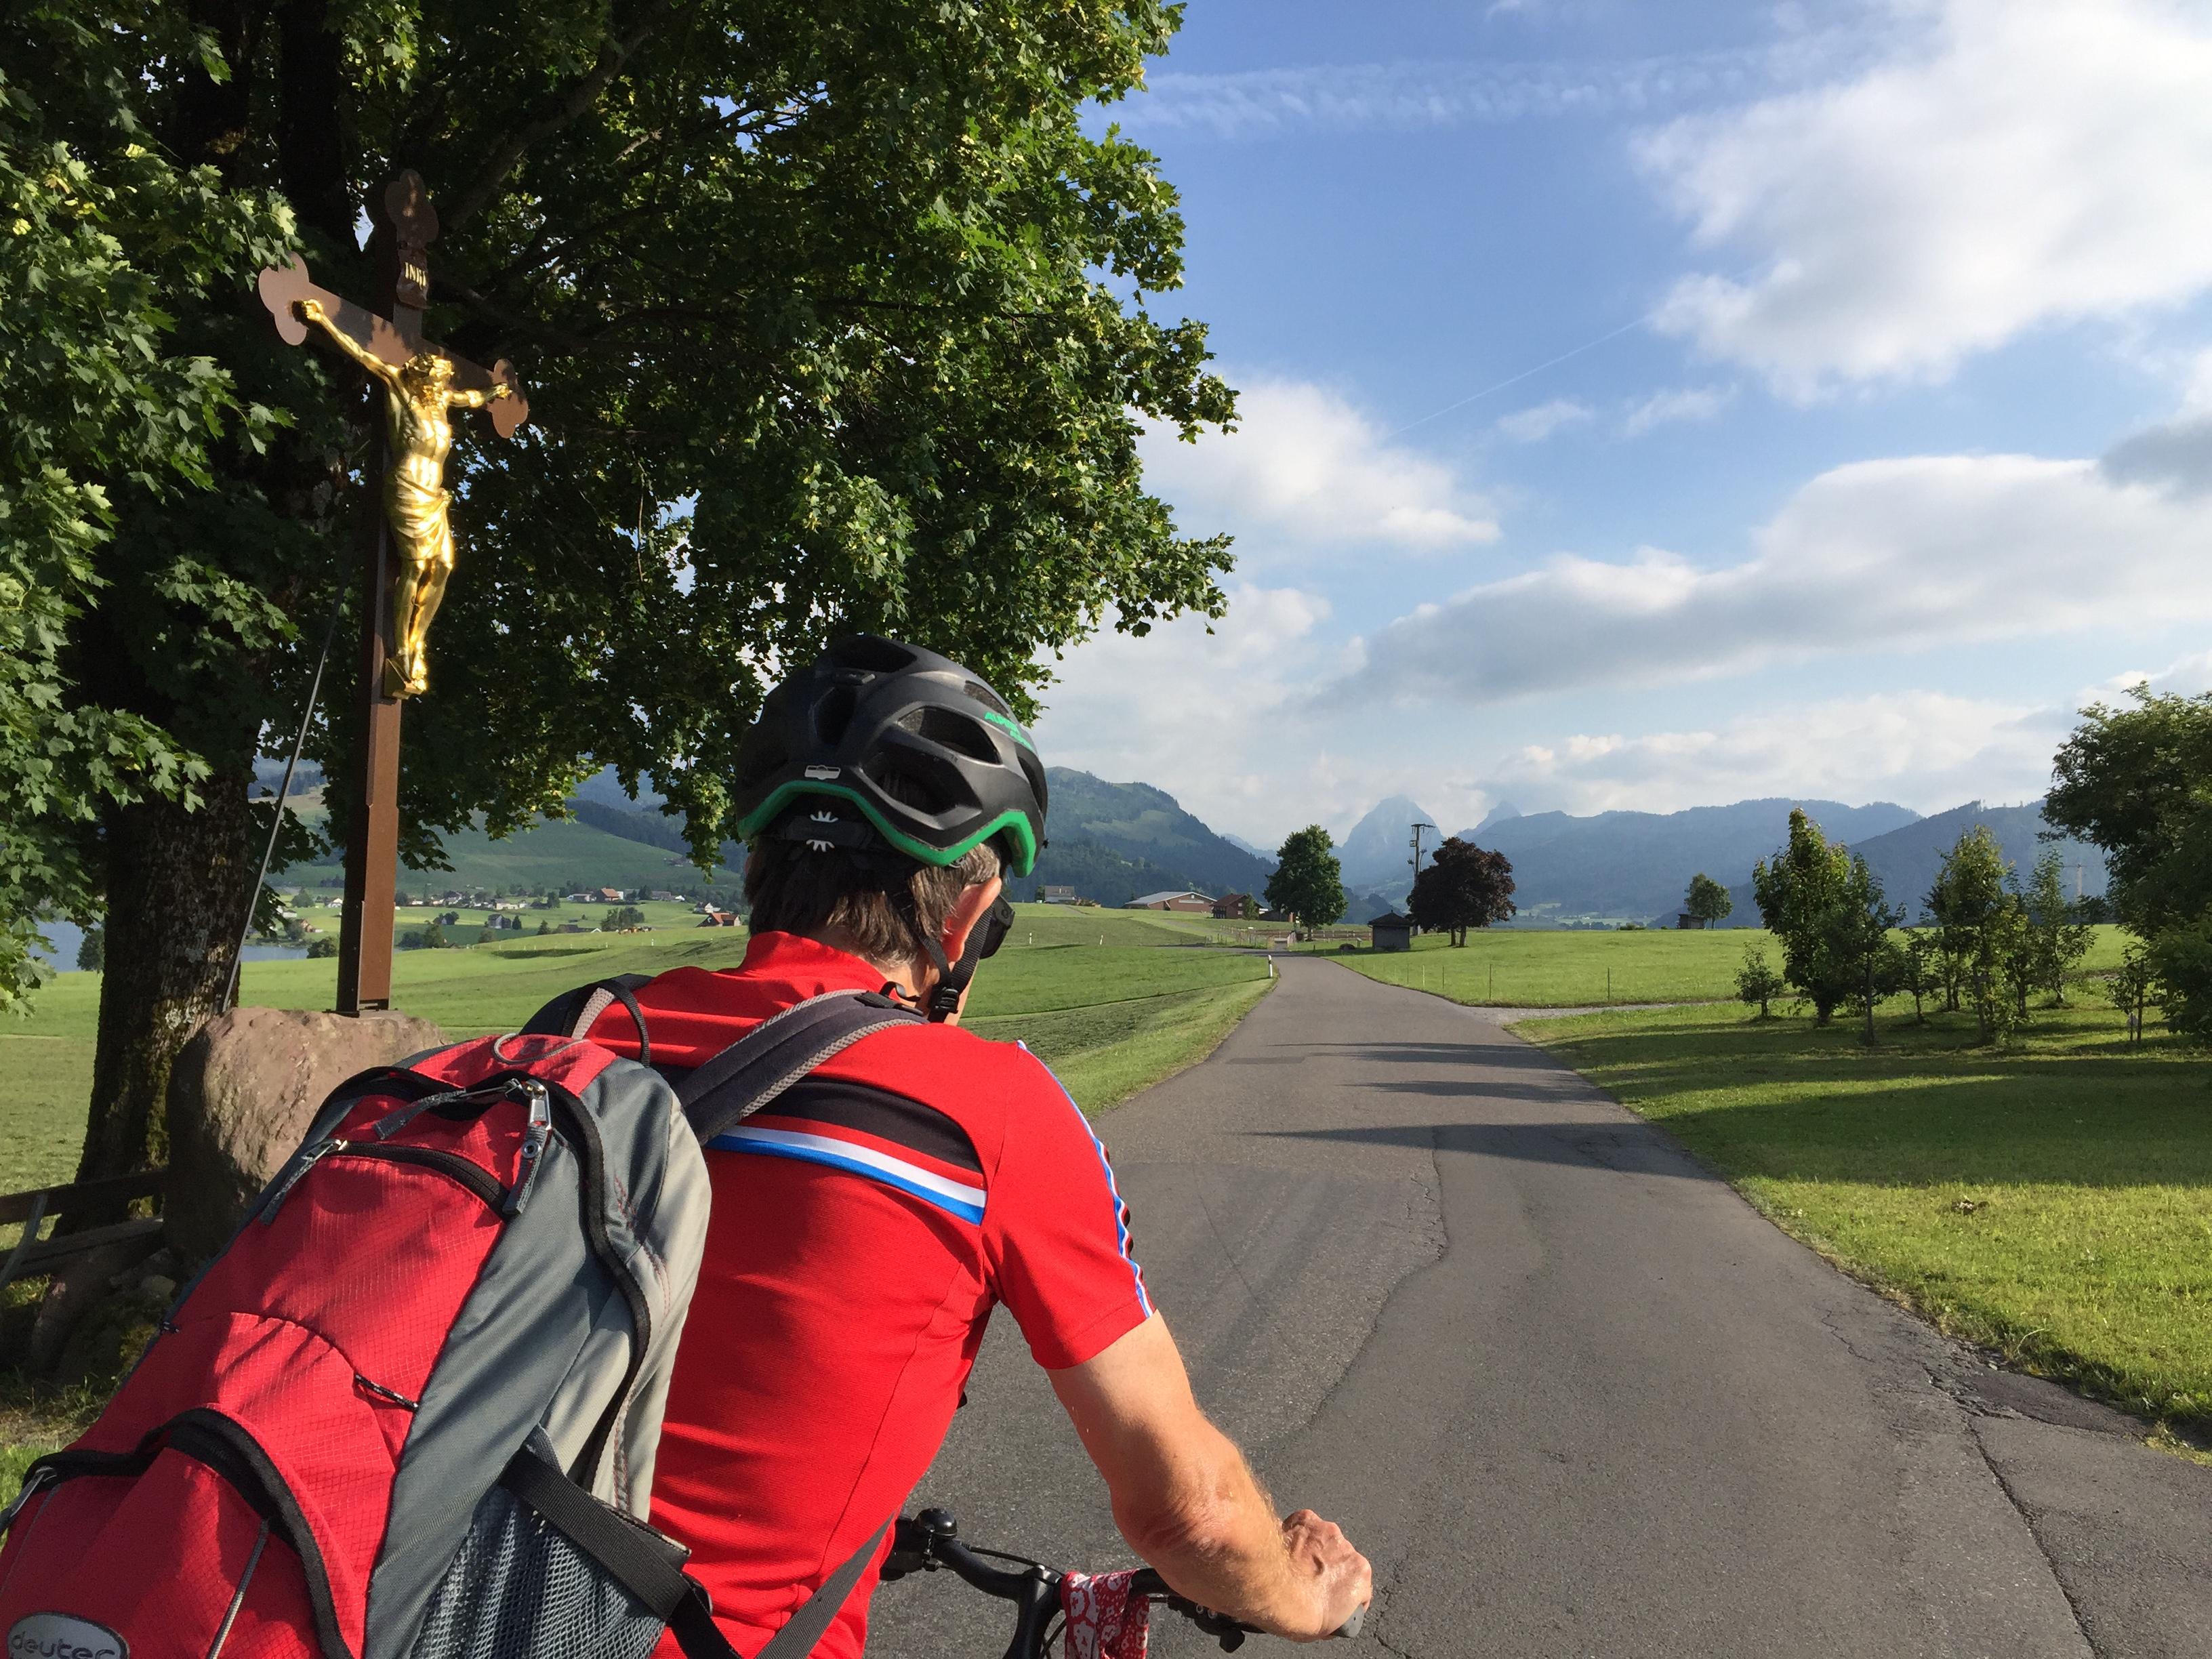 Radpilgern auf dem MEINRADWEG ist eine von vielen Möglichkeiten, in den Sommerferien dem Kloster Einsiedeln einen Besuch abzustatten.